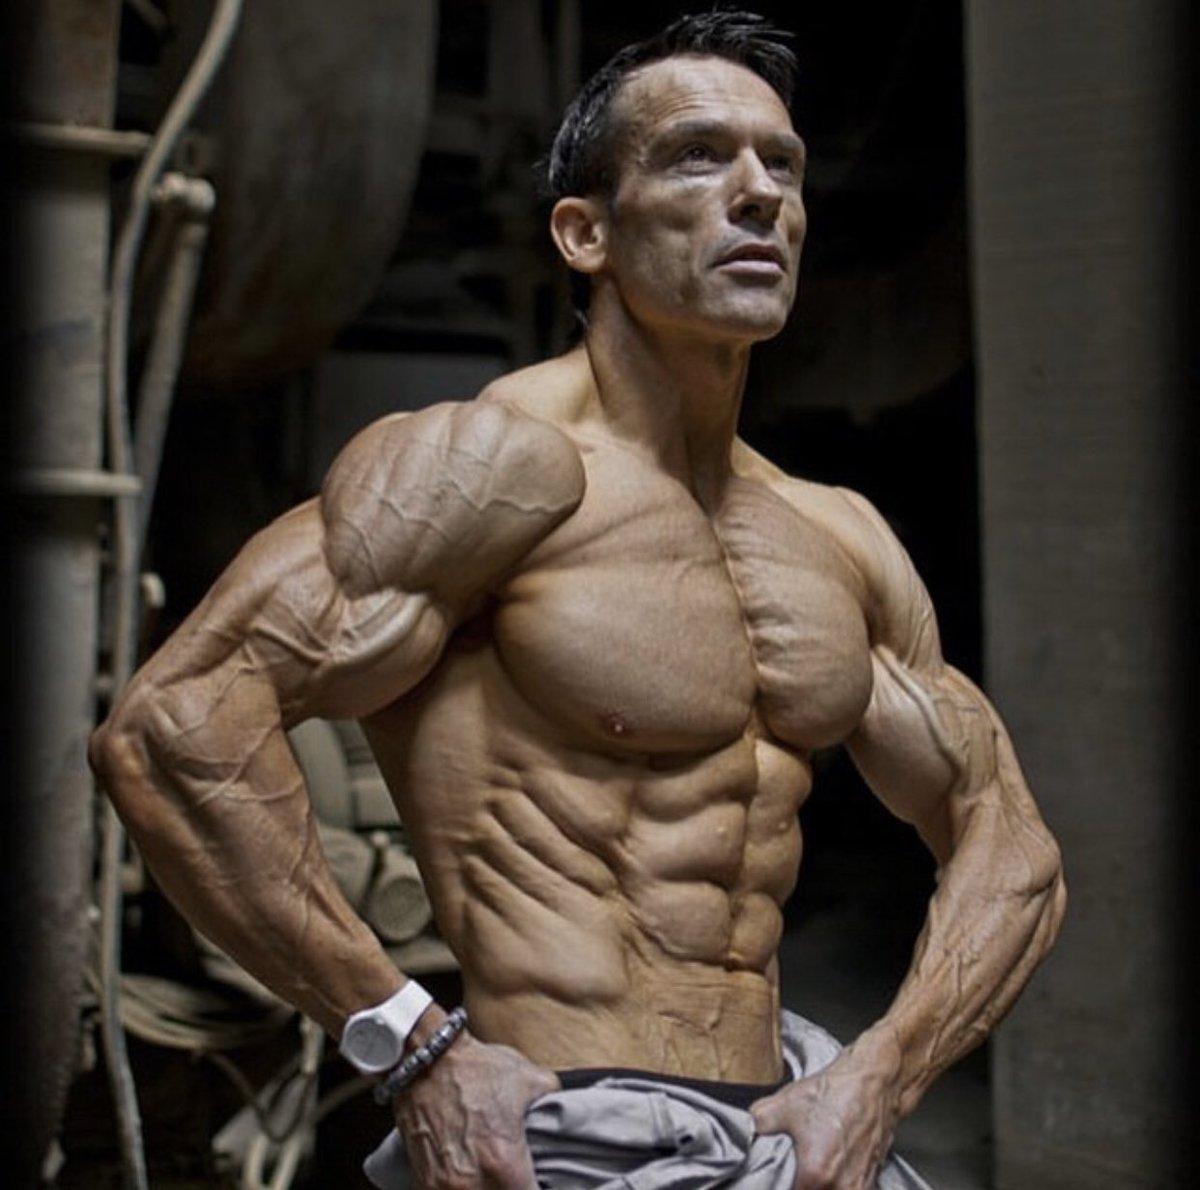 картинки рельефа мышц чтобы плодить количество